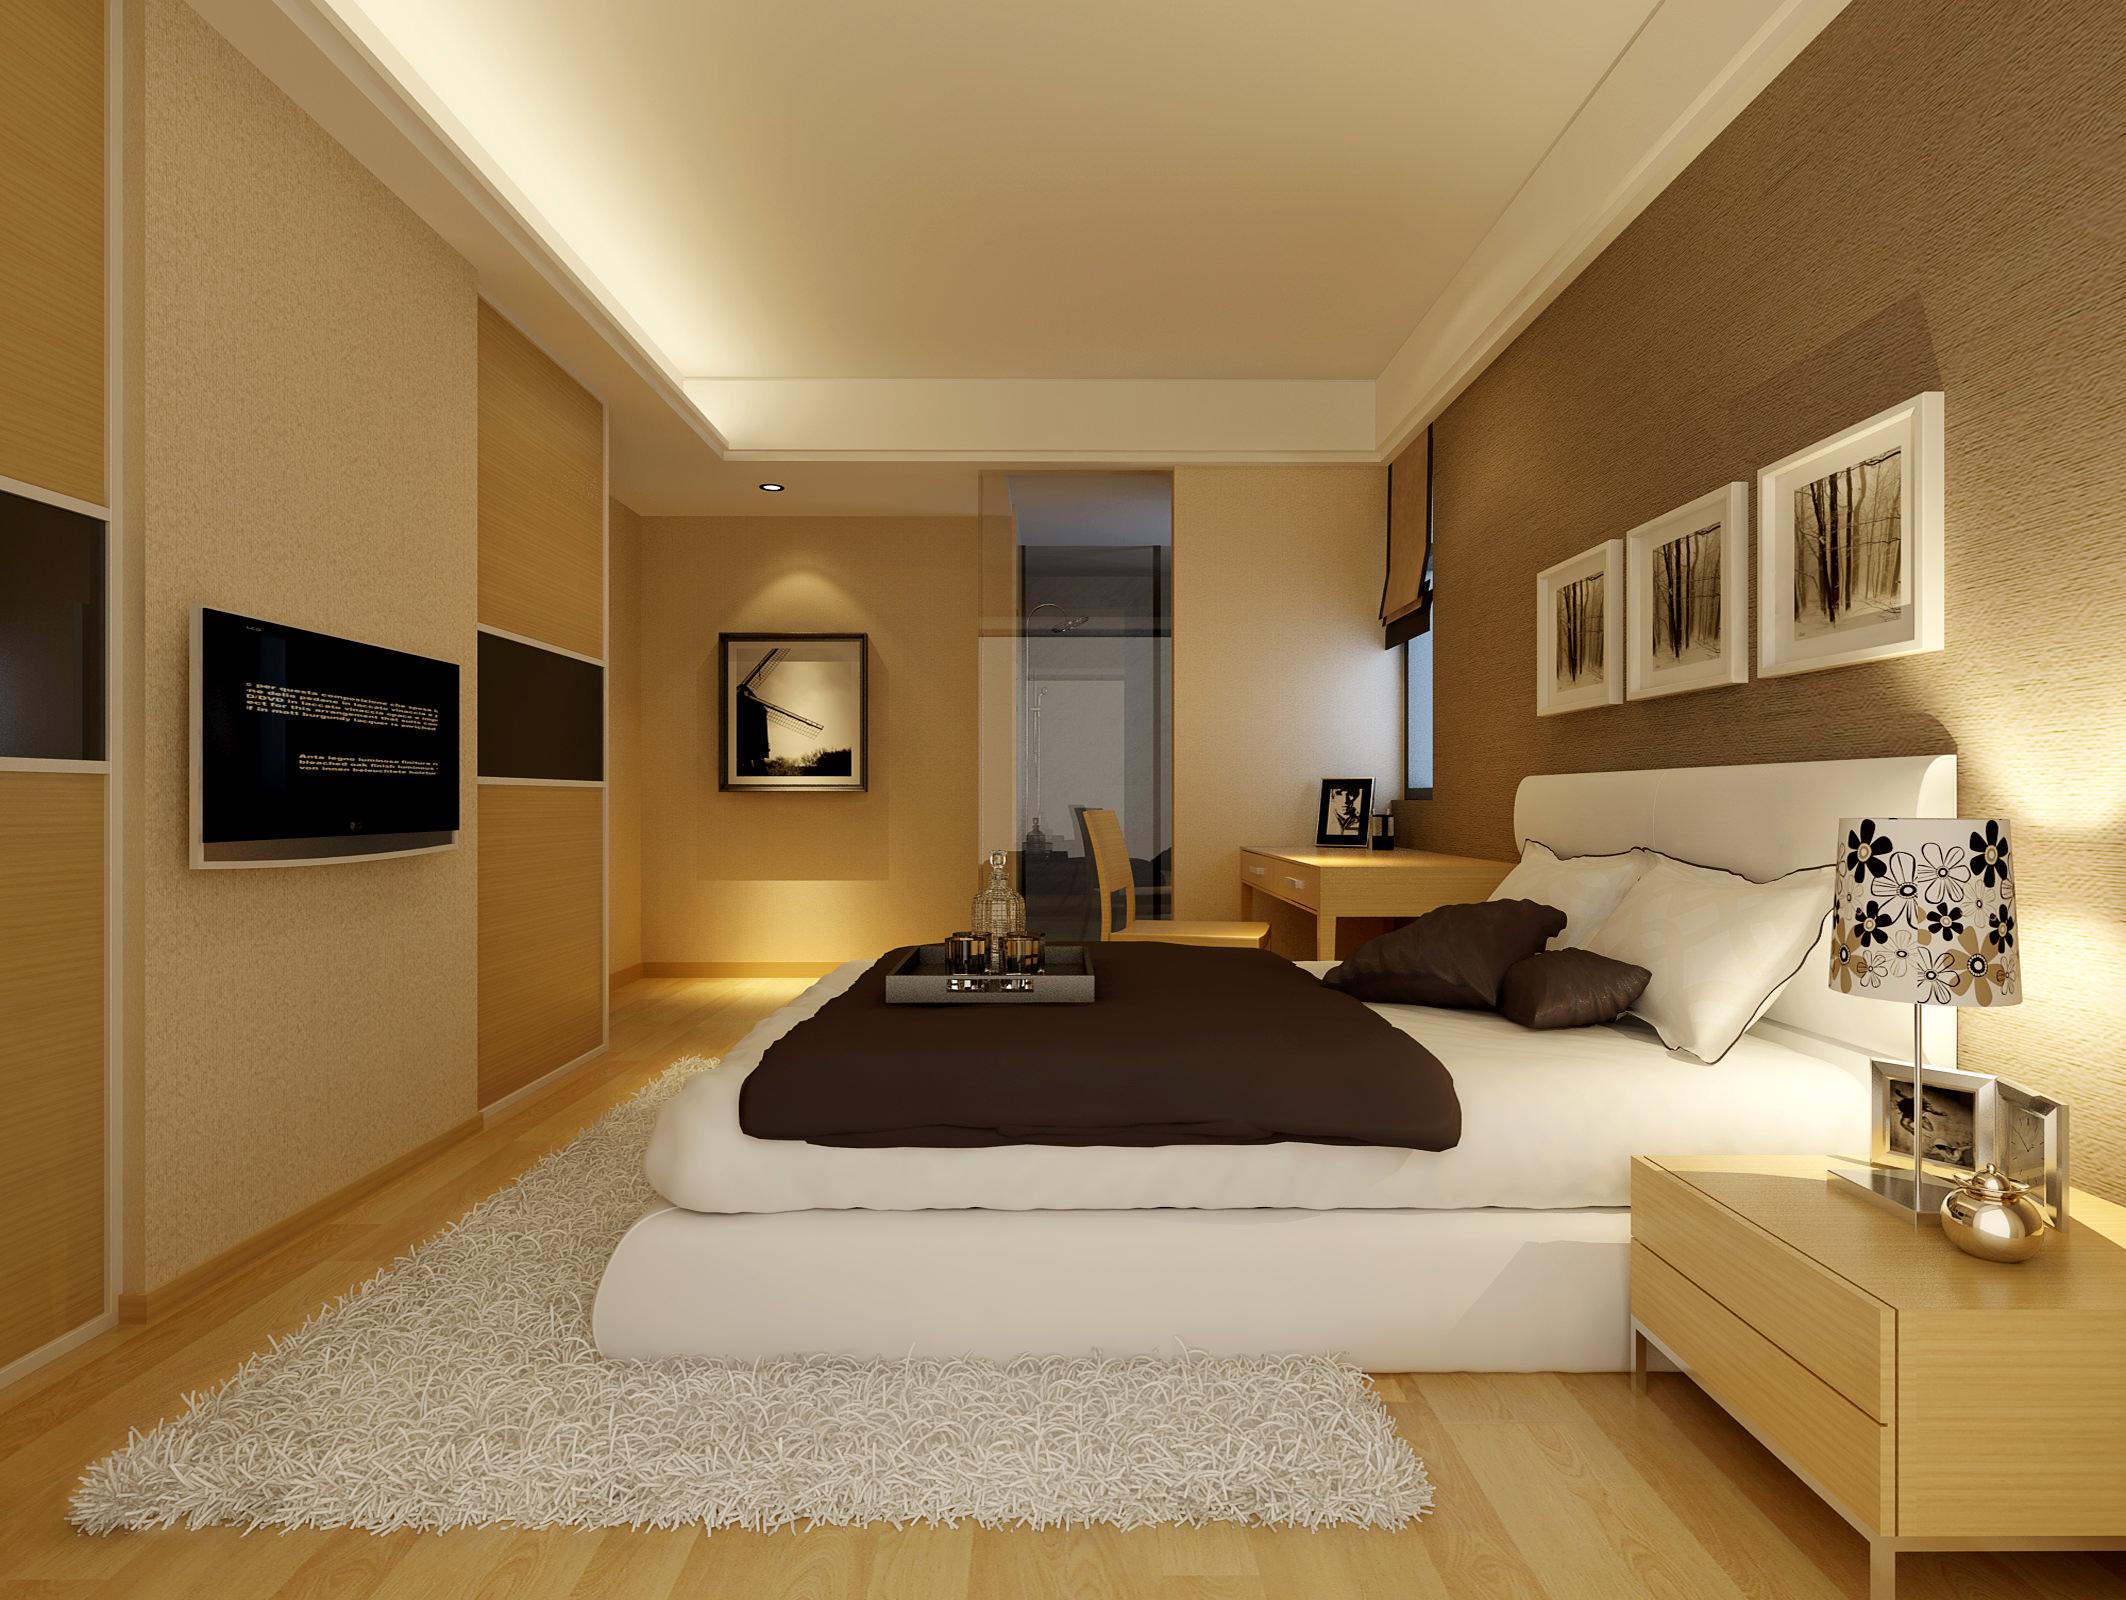 Bedroom Furniture 3d Models collection collection modern bedroom fully furnished collection 3d